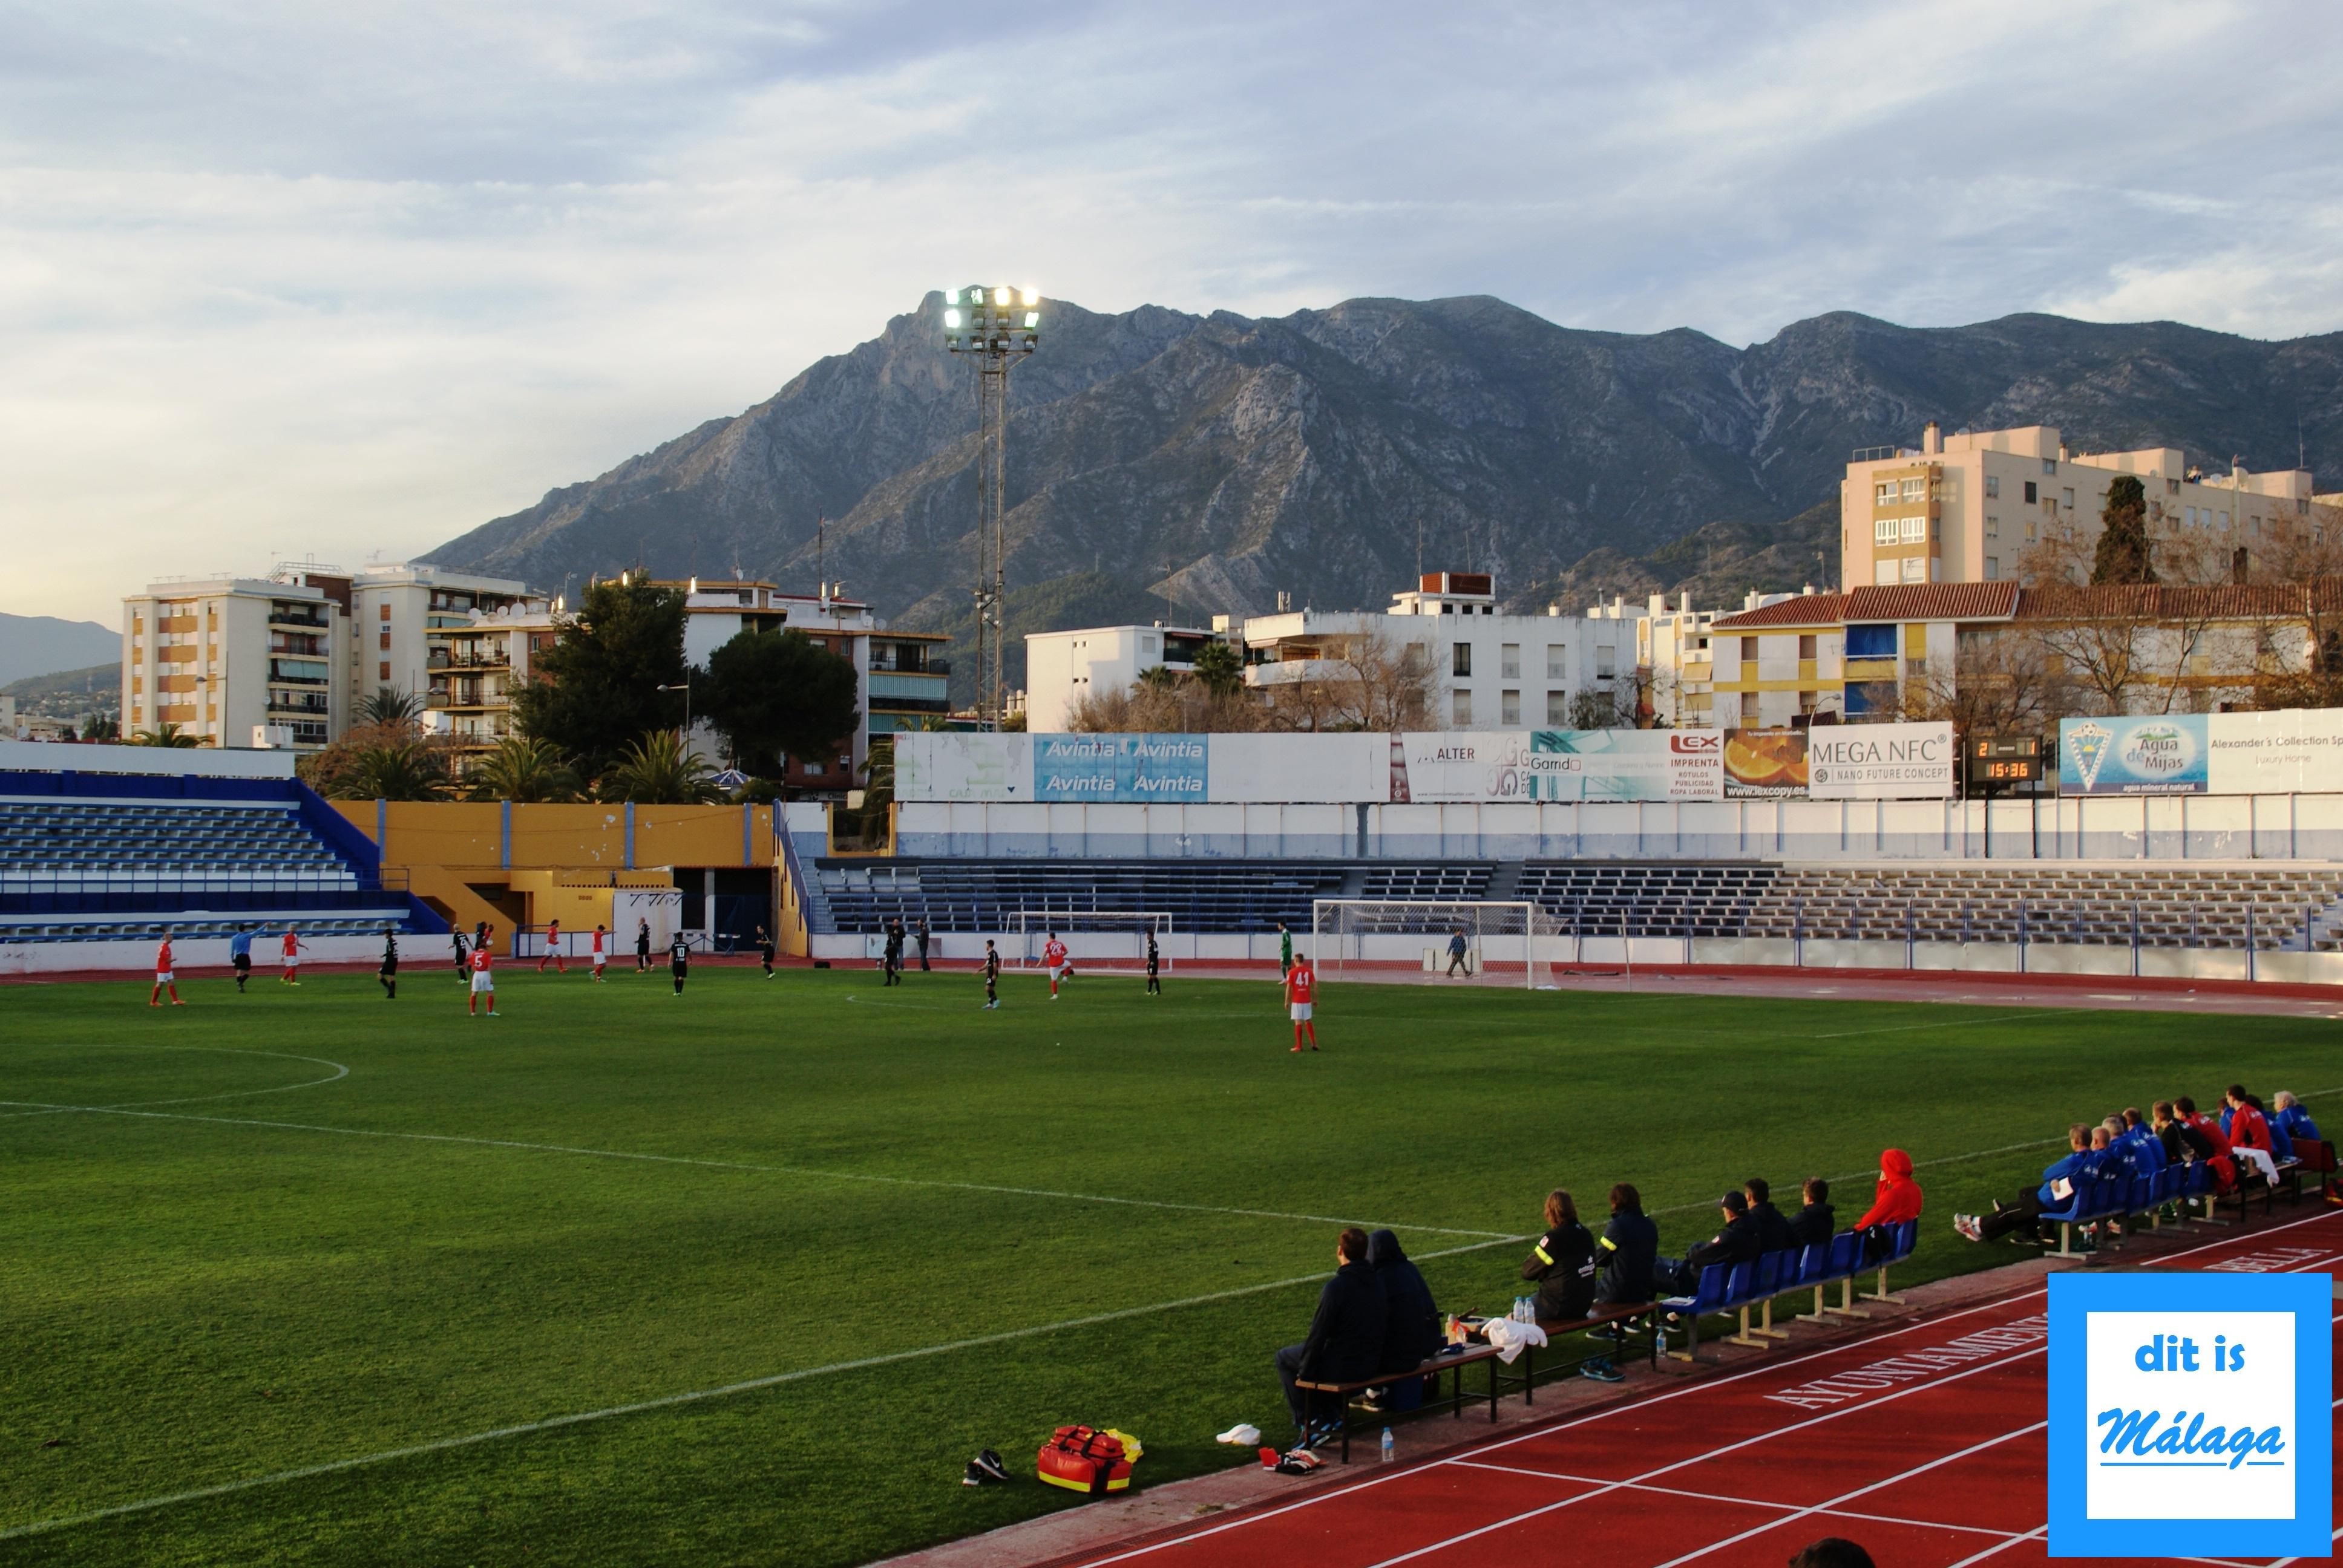 Vriendschappelijke voetbalwedstrijden aan de Costa del Sol